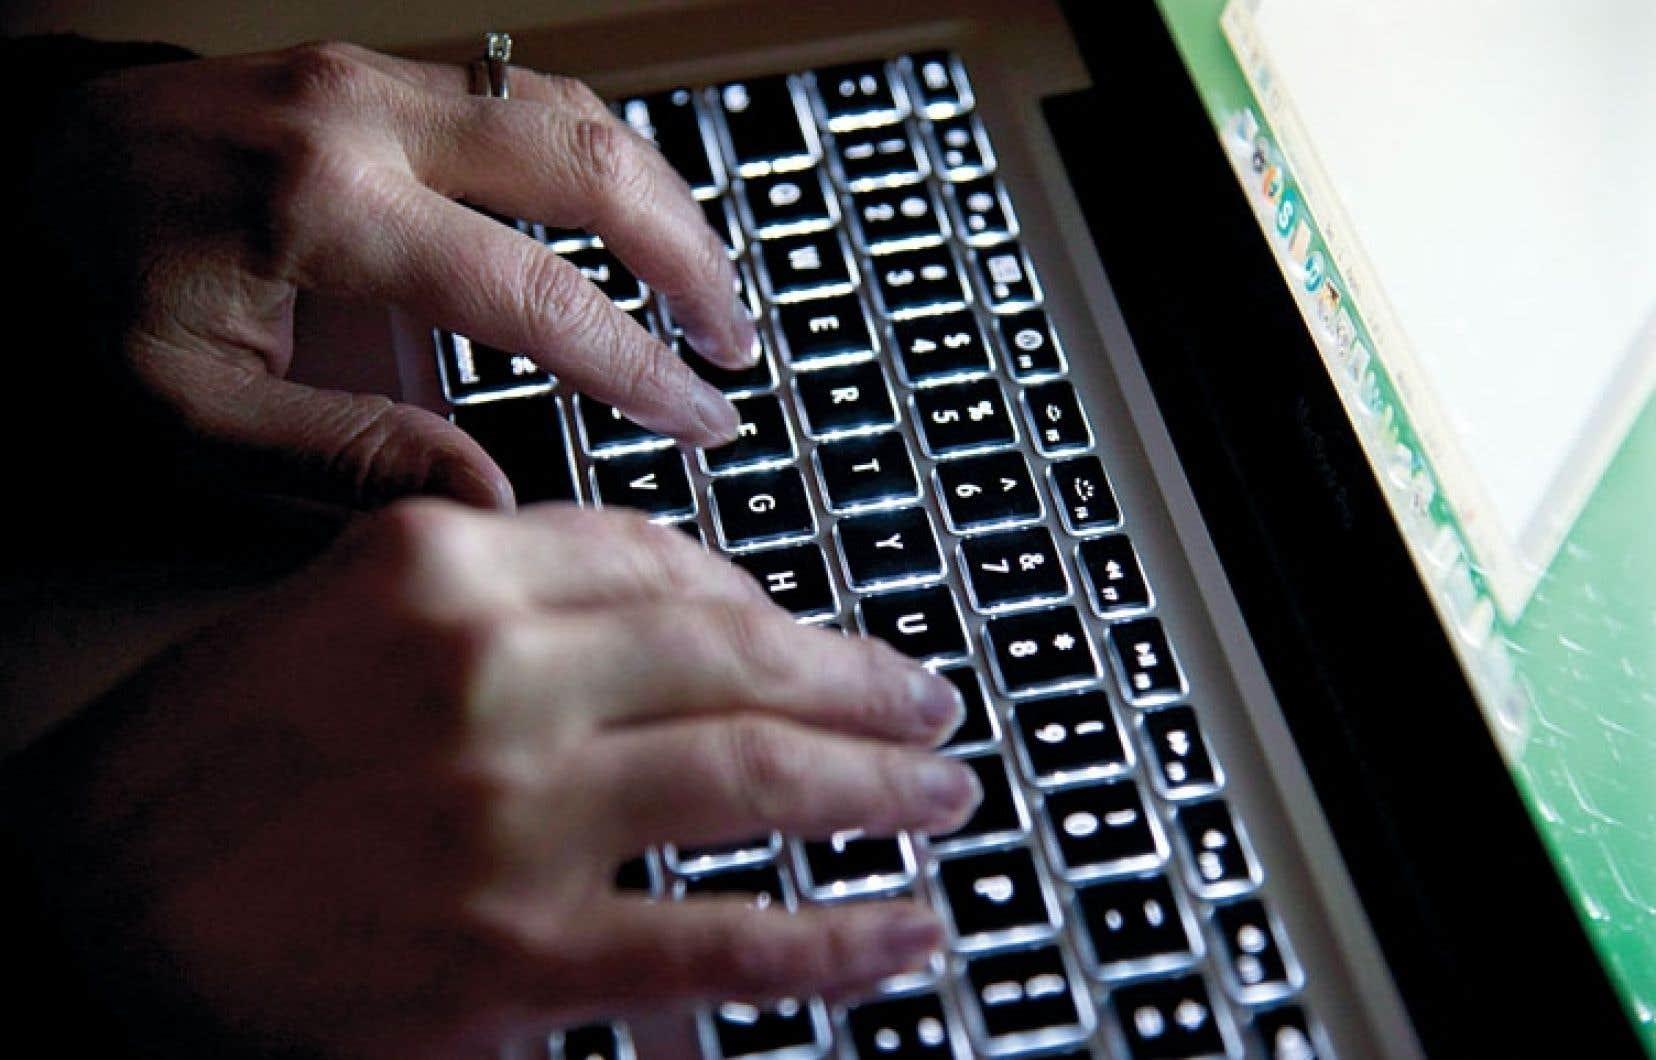 Certains groupes craignent une hausse de la propagande haineuse sur Internet.